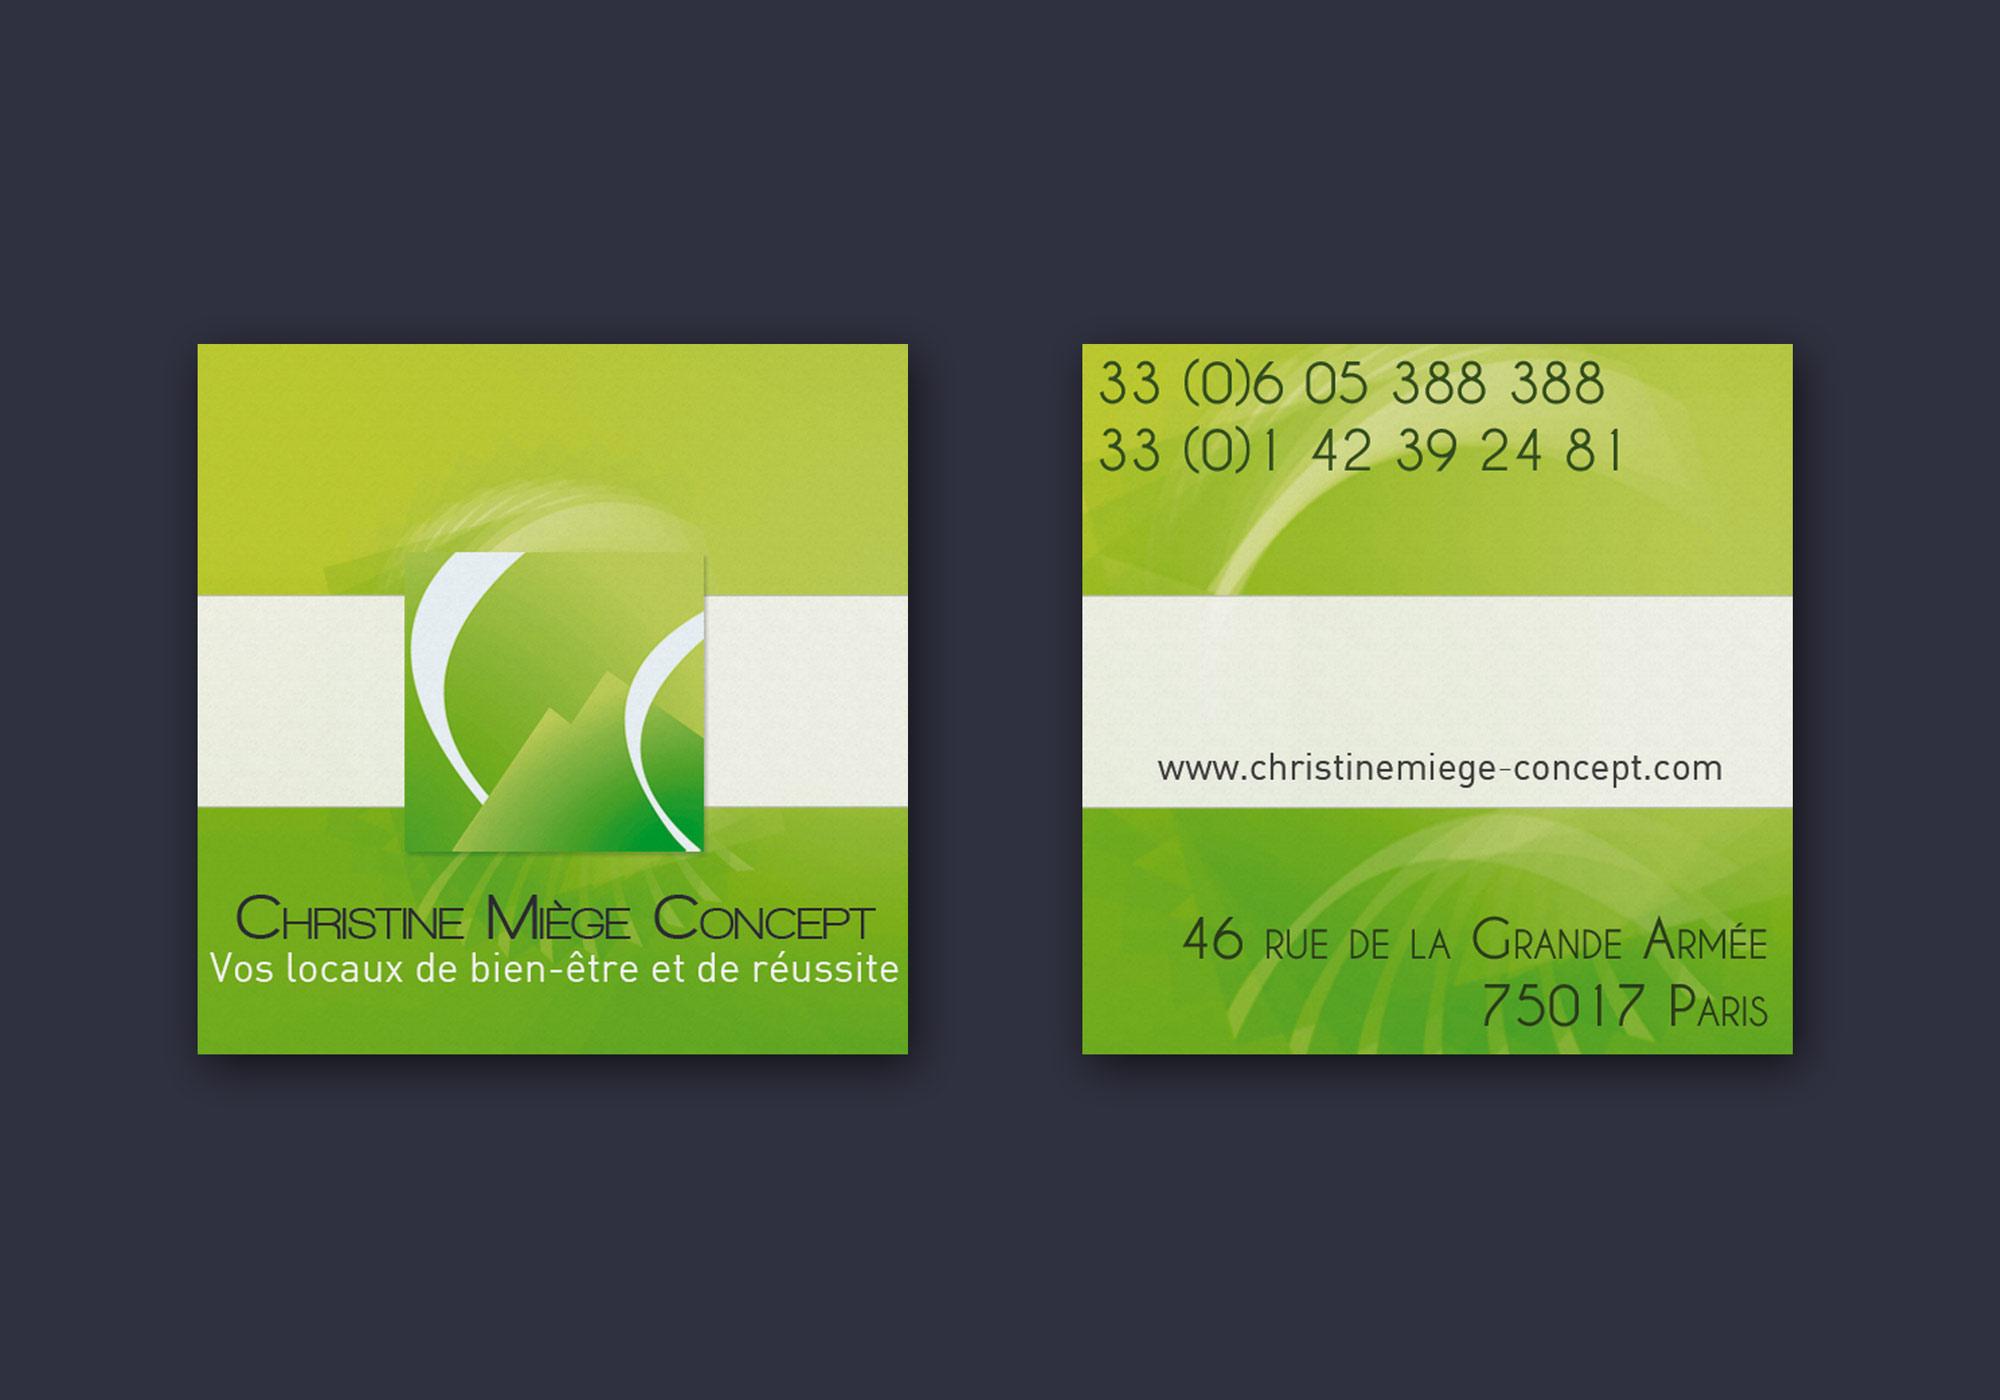 Cartes de visite pour Christine Miège Concept